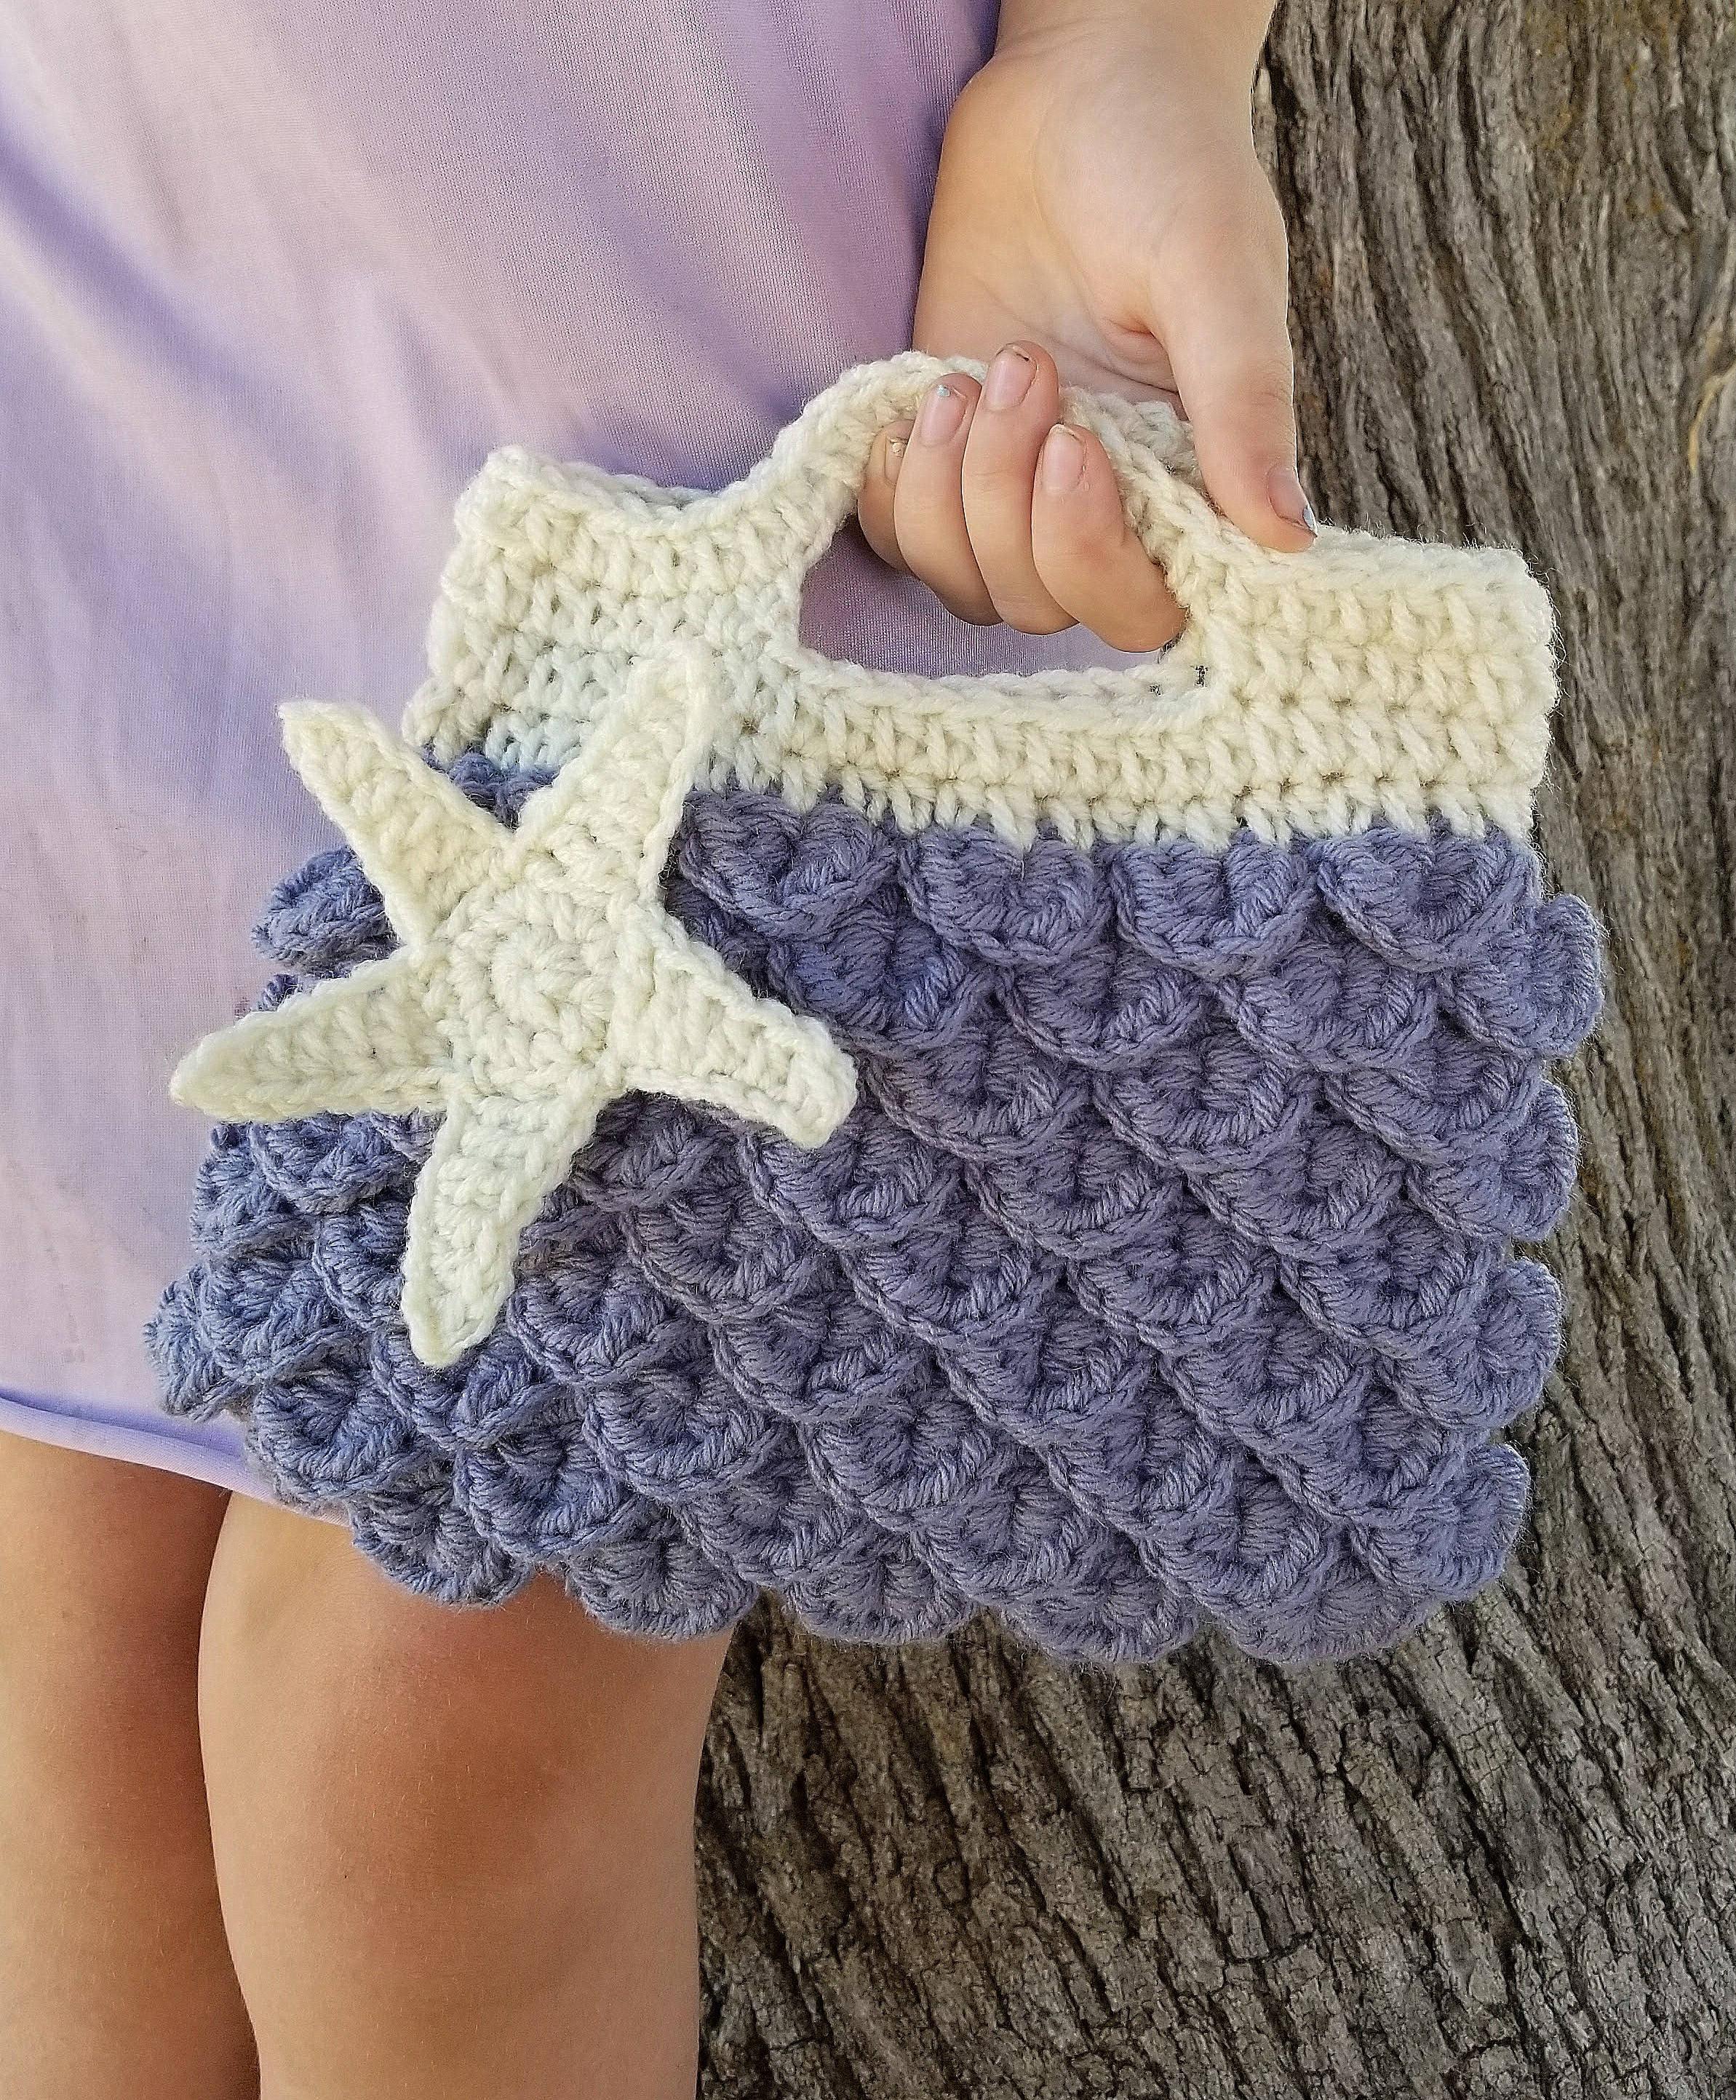 Starfish Handbag Crochet Bags And Purses Mermaid Purse Etsy